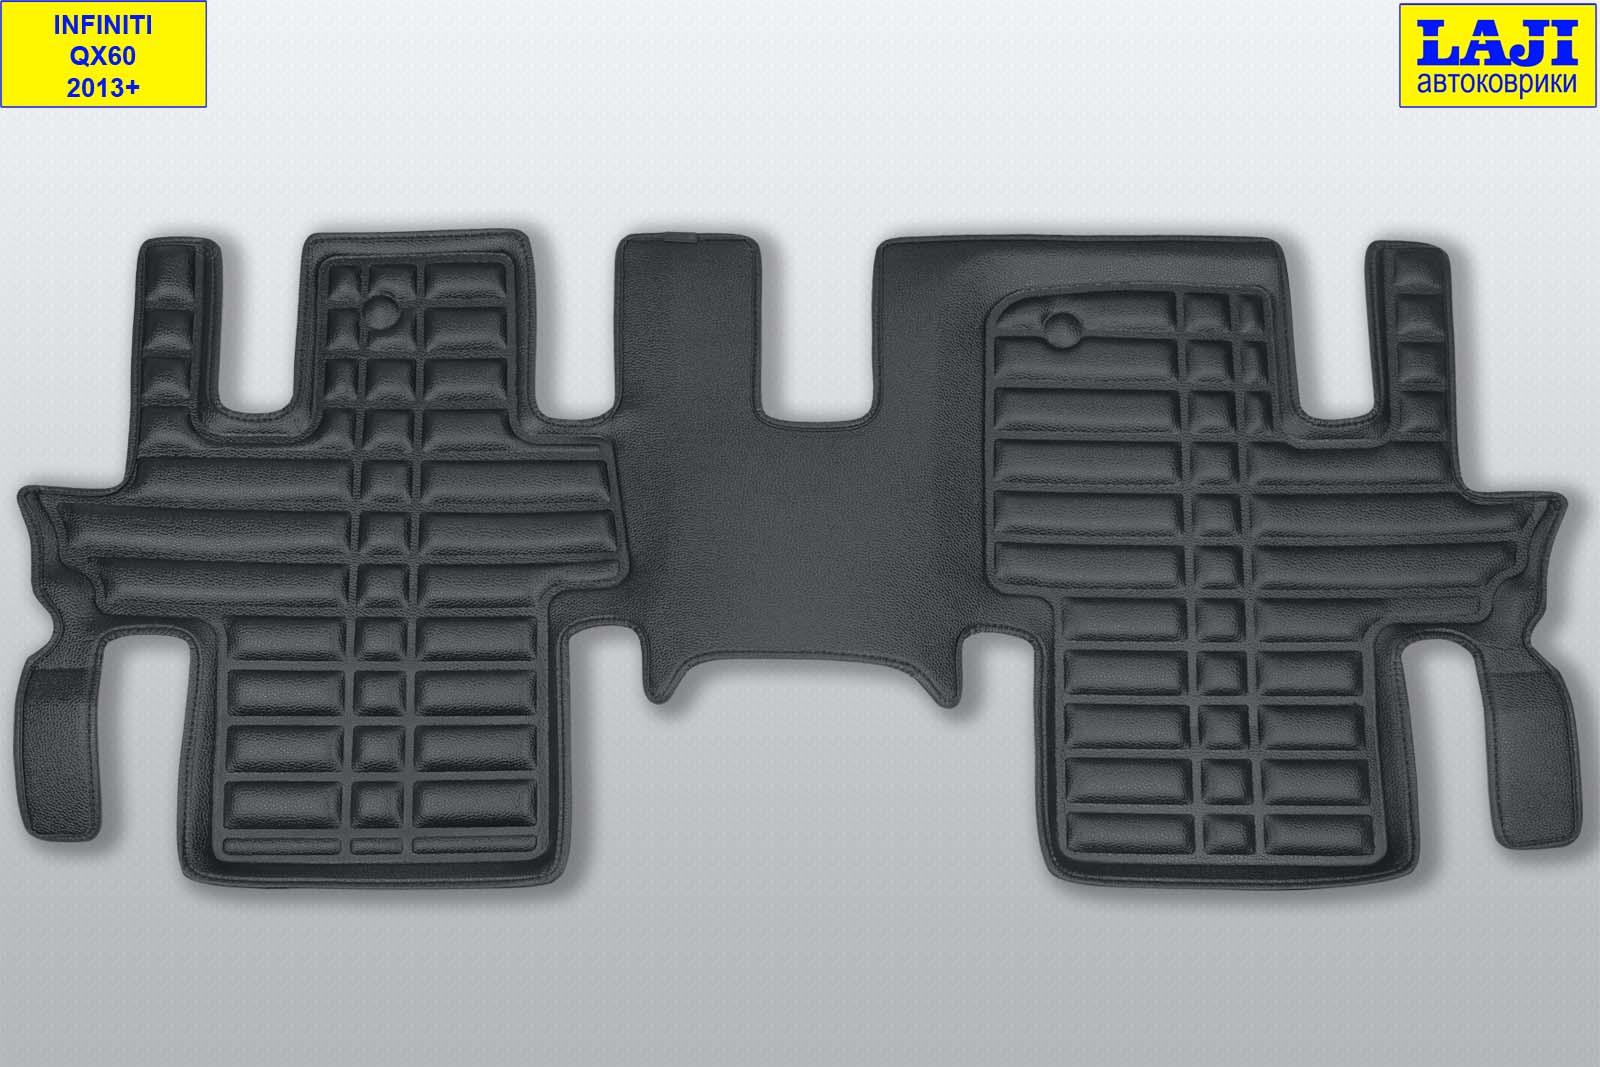 5D коврики в салон Infiniti QX60 2013-н.в. 9